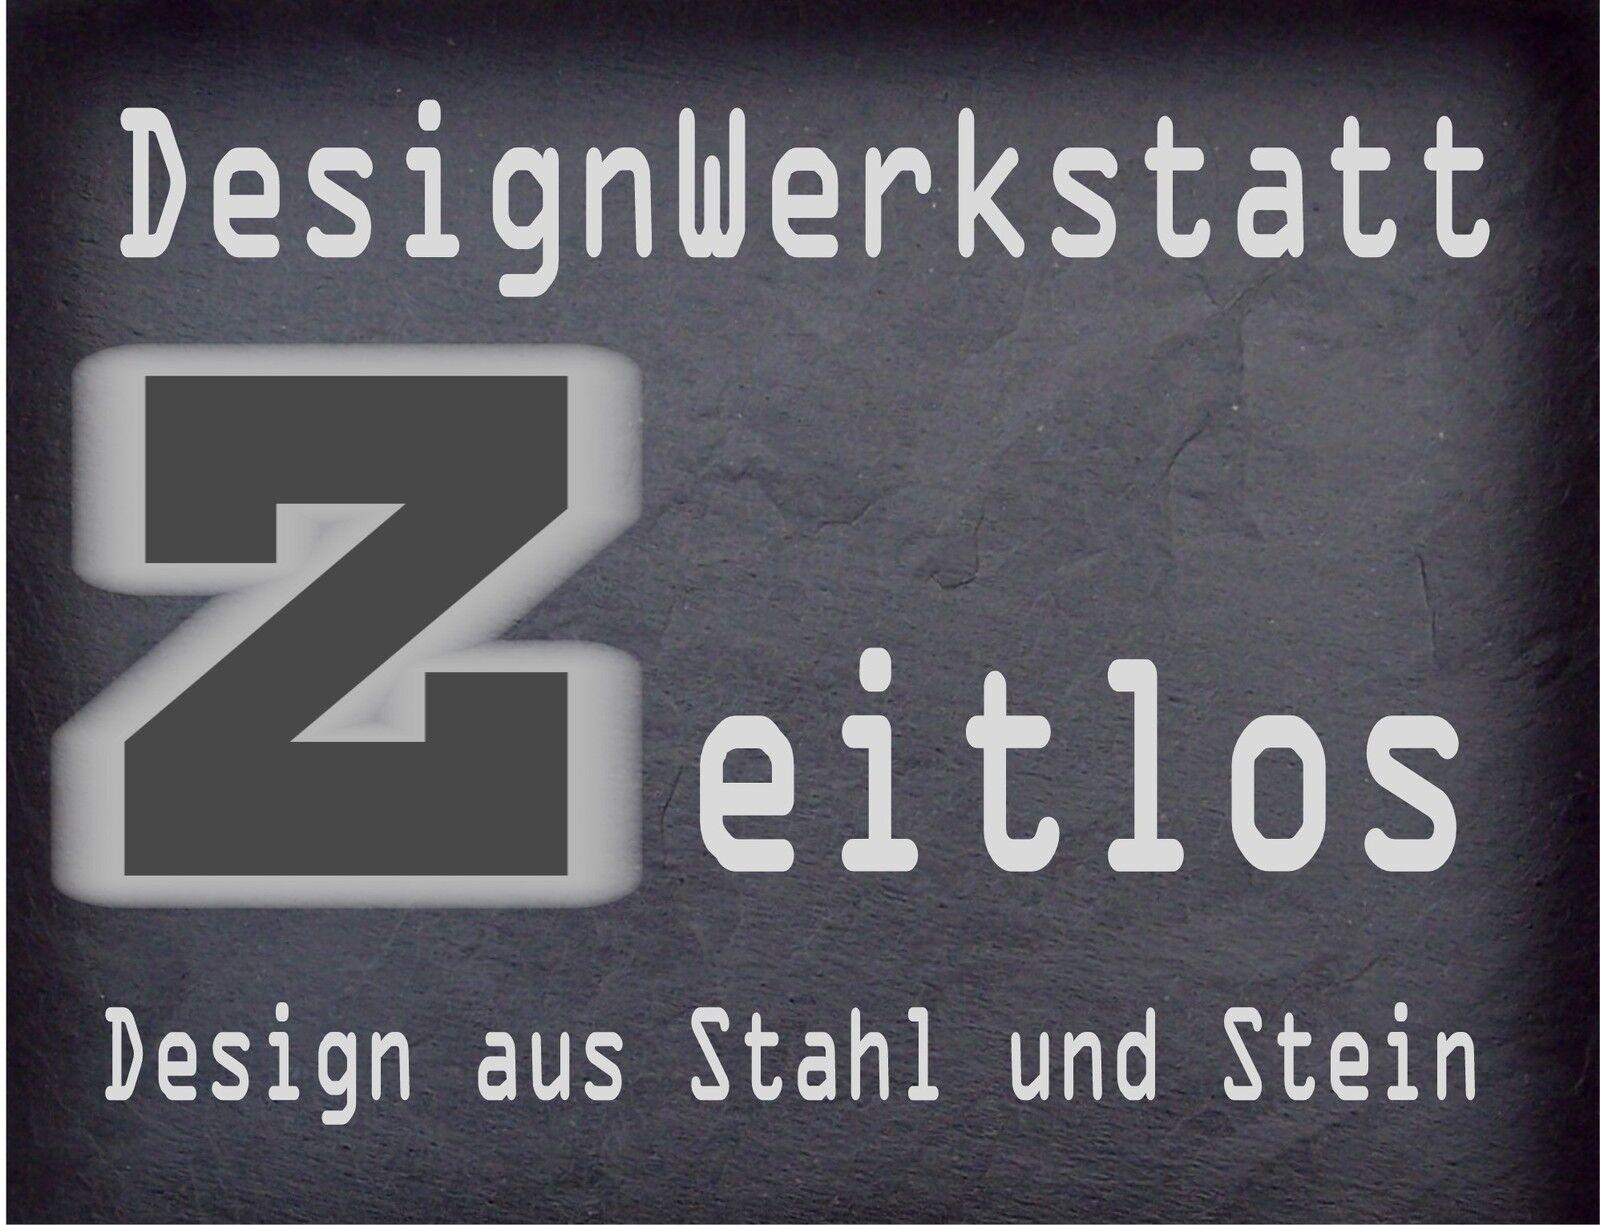 designwerkstatt-zeitlos